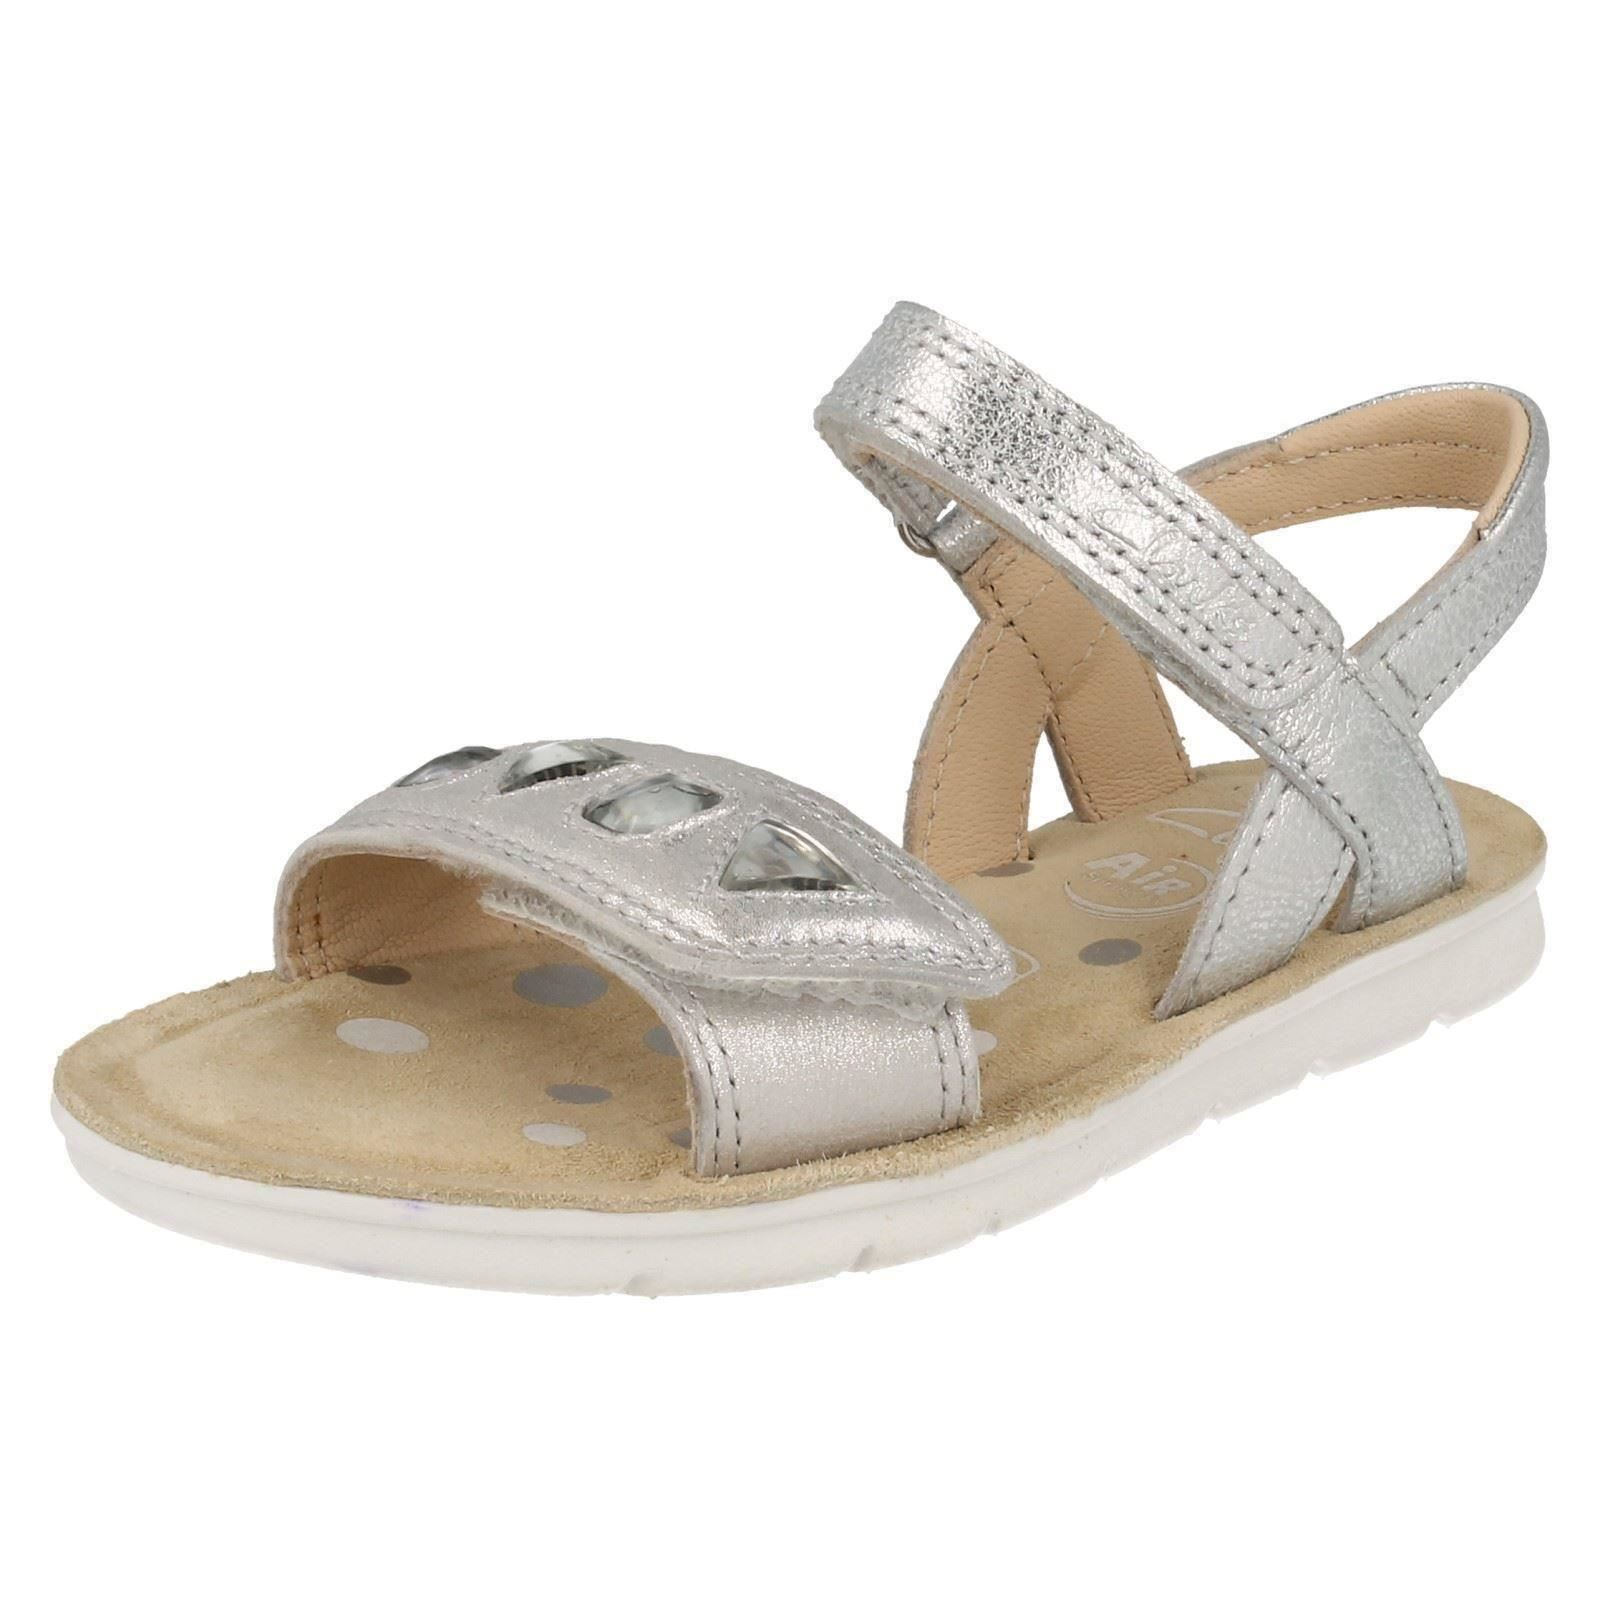 Clarcks Shoes Girls